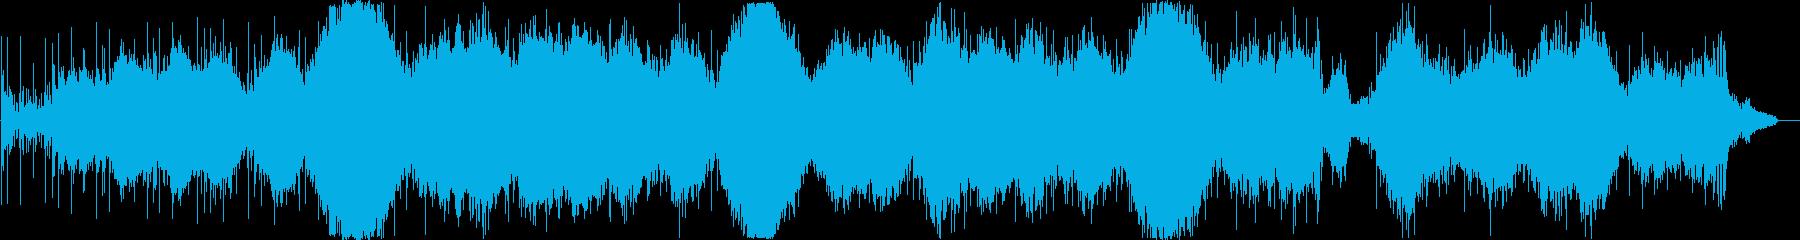 動画 サスペンス クール やる気 ...の再生済みの波形